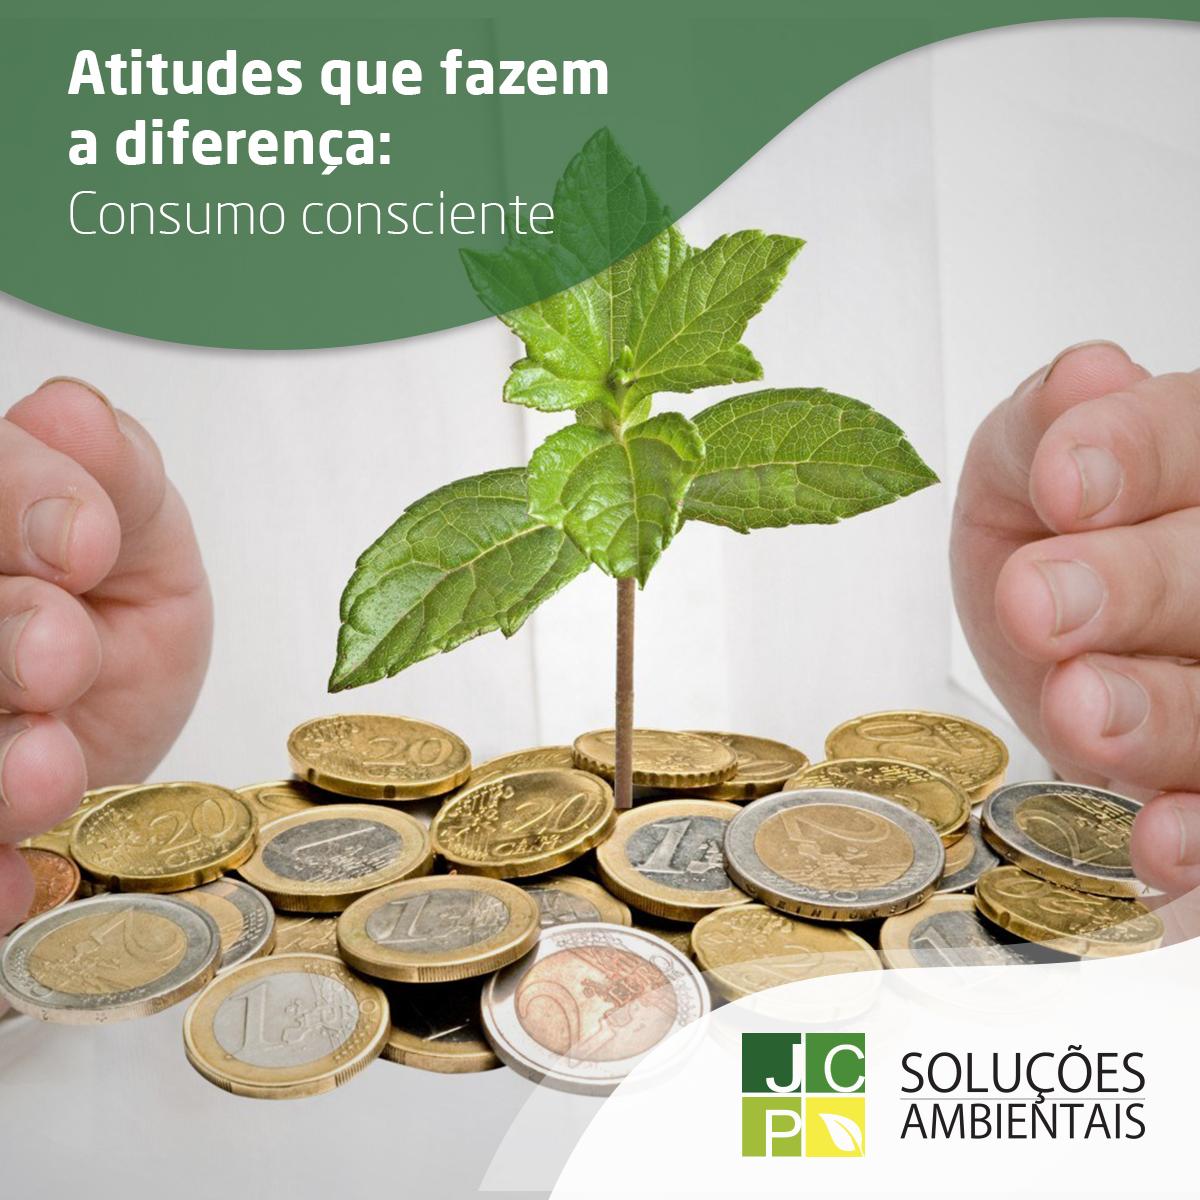 Atitudes que fazem a diferença: Consumo consciente   JCP Soluções Ambientais Campinas